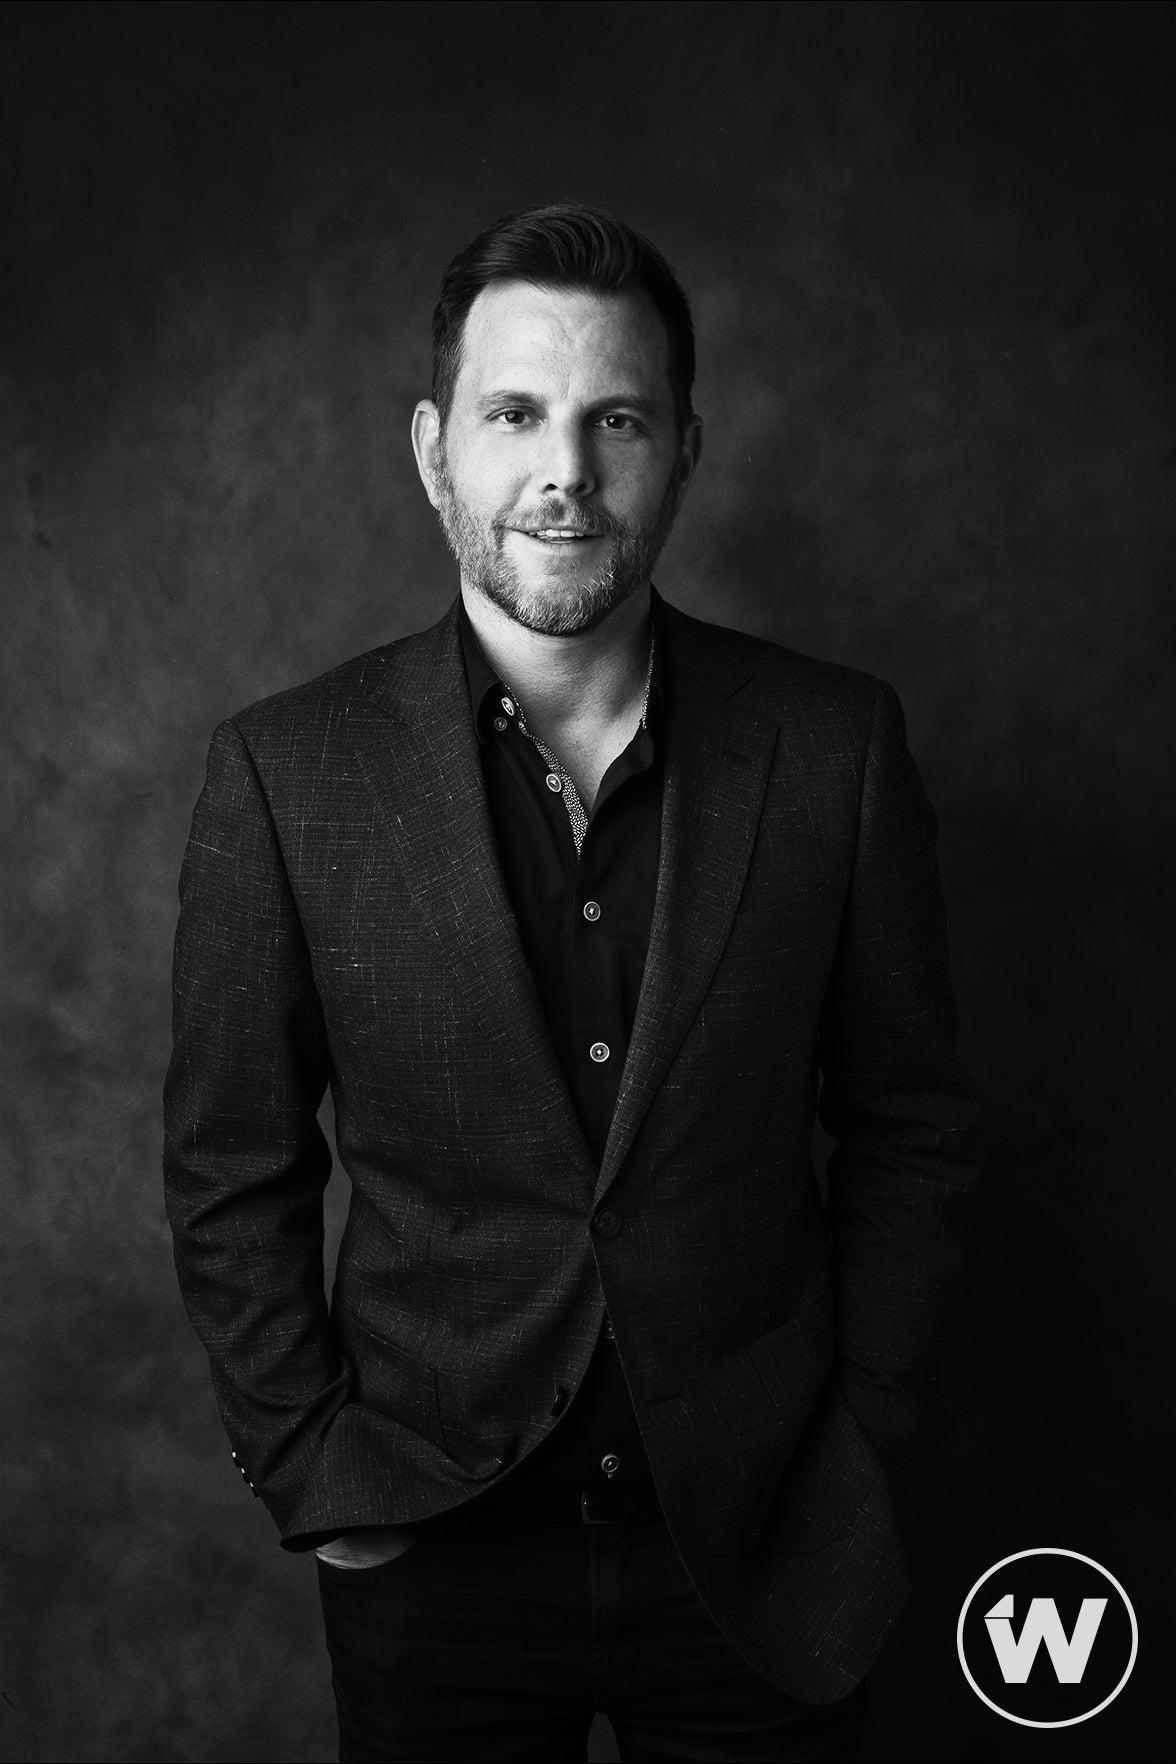 Dave Rubin, TheGrill